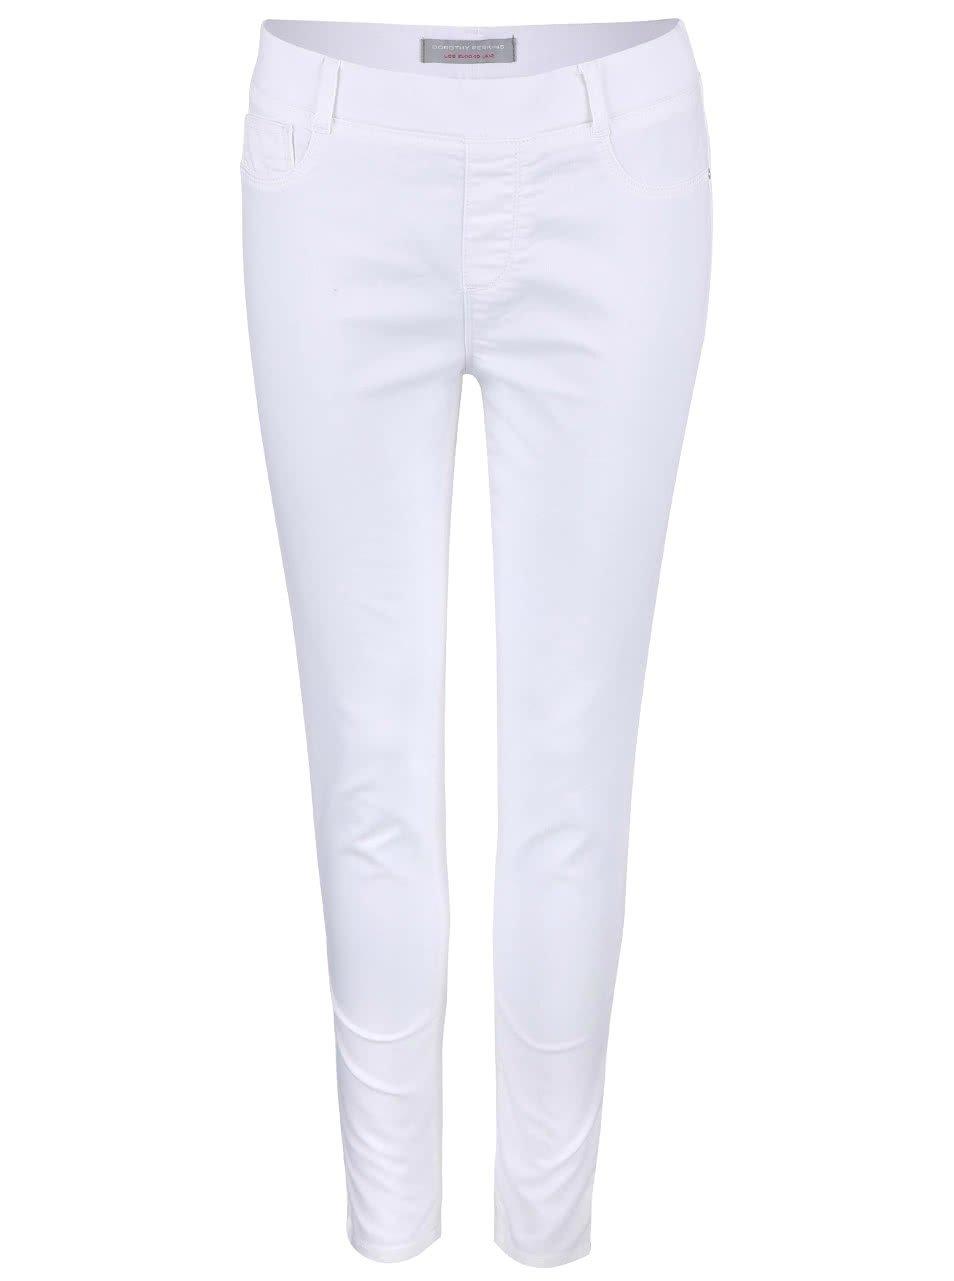 Bílé strečové džíny Dorothy Perkins Petite Eden